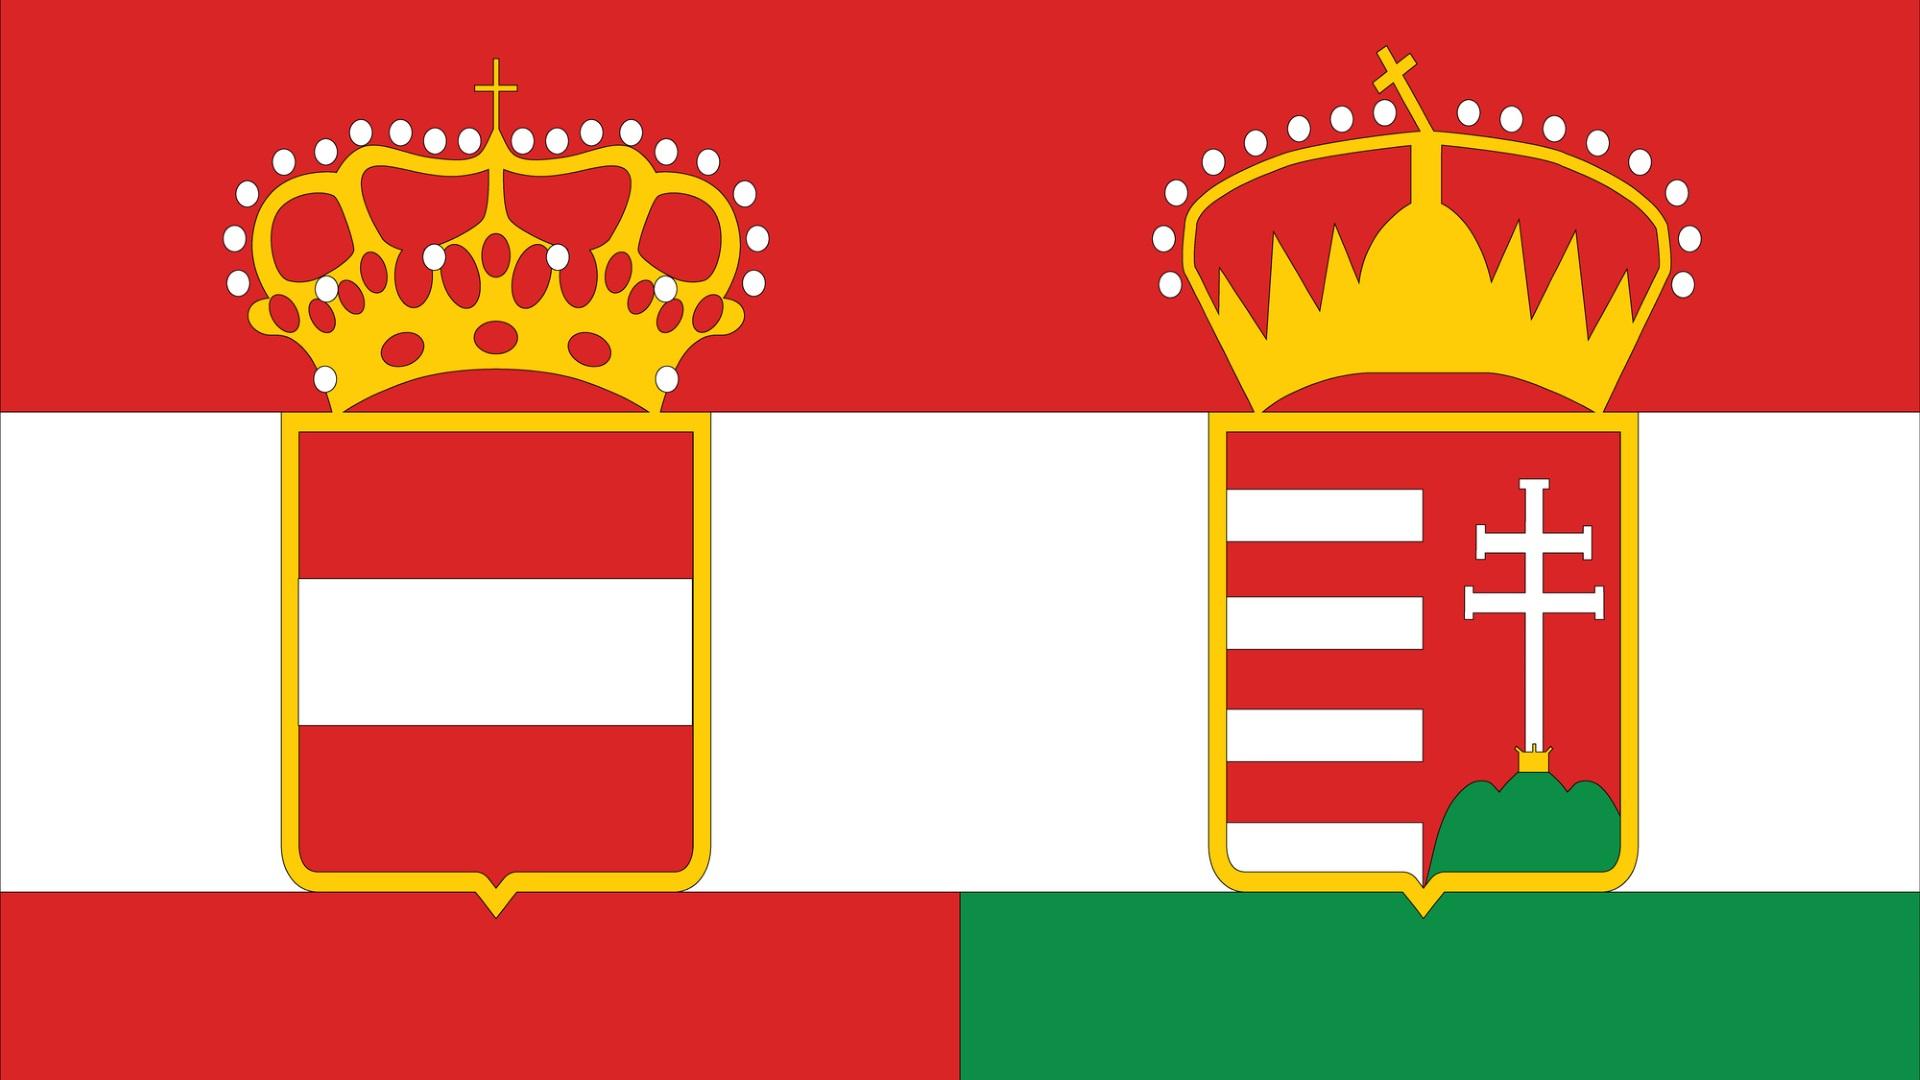 <p><strong>Австро-Унгария</strong></p>  <p>Създадена през 1867 г. чрез съюз на Австрийската империя с кралство Унгария, Австро-Унгария включва 11 различни етнически групи и е най-голямата католическа империя по онова време. Тя съществува до 1918 г., когато се поддава на националистически настроение и се разпада на Австрия, Унгария, Полша, Чехословакия и Югославия.</p>